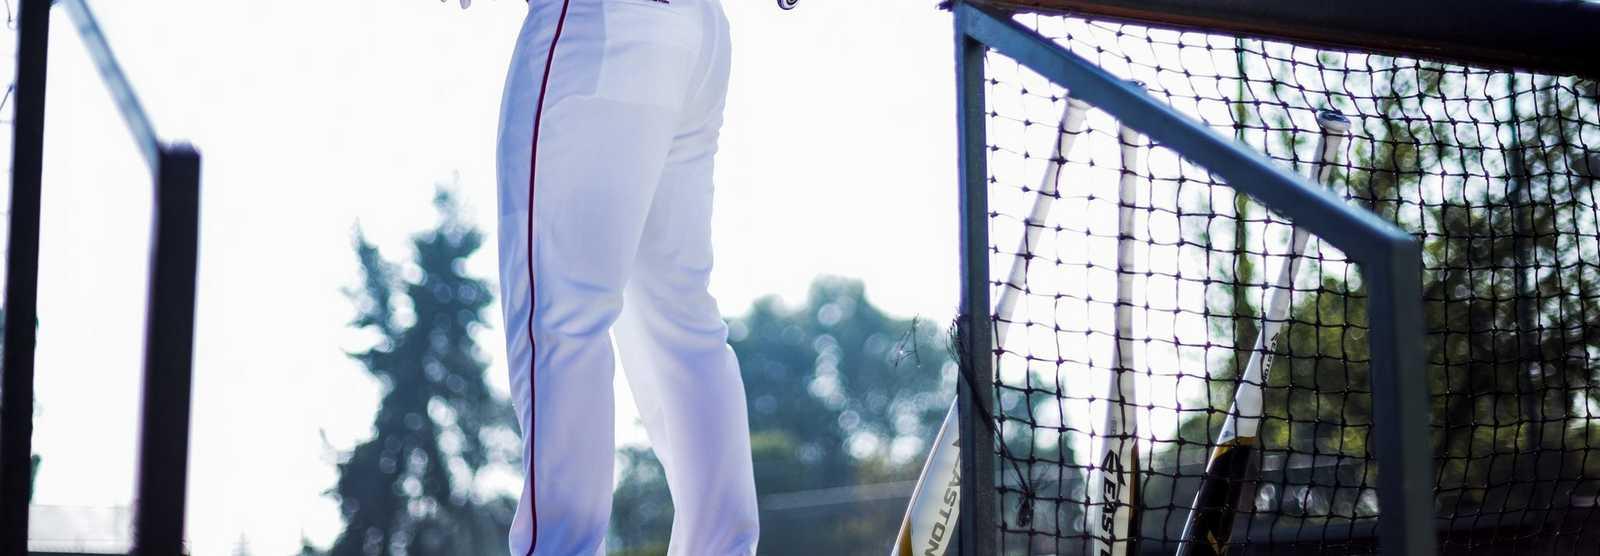 baseball-pants